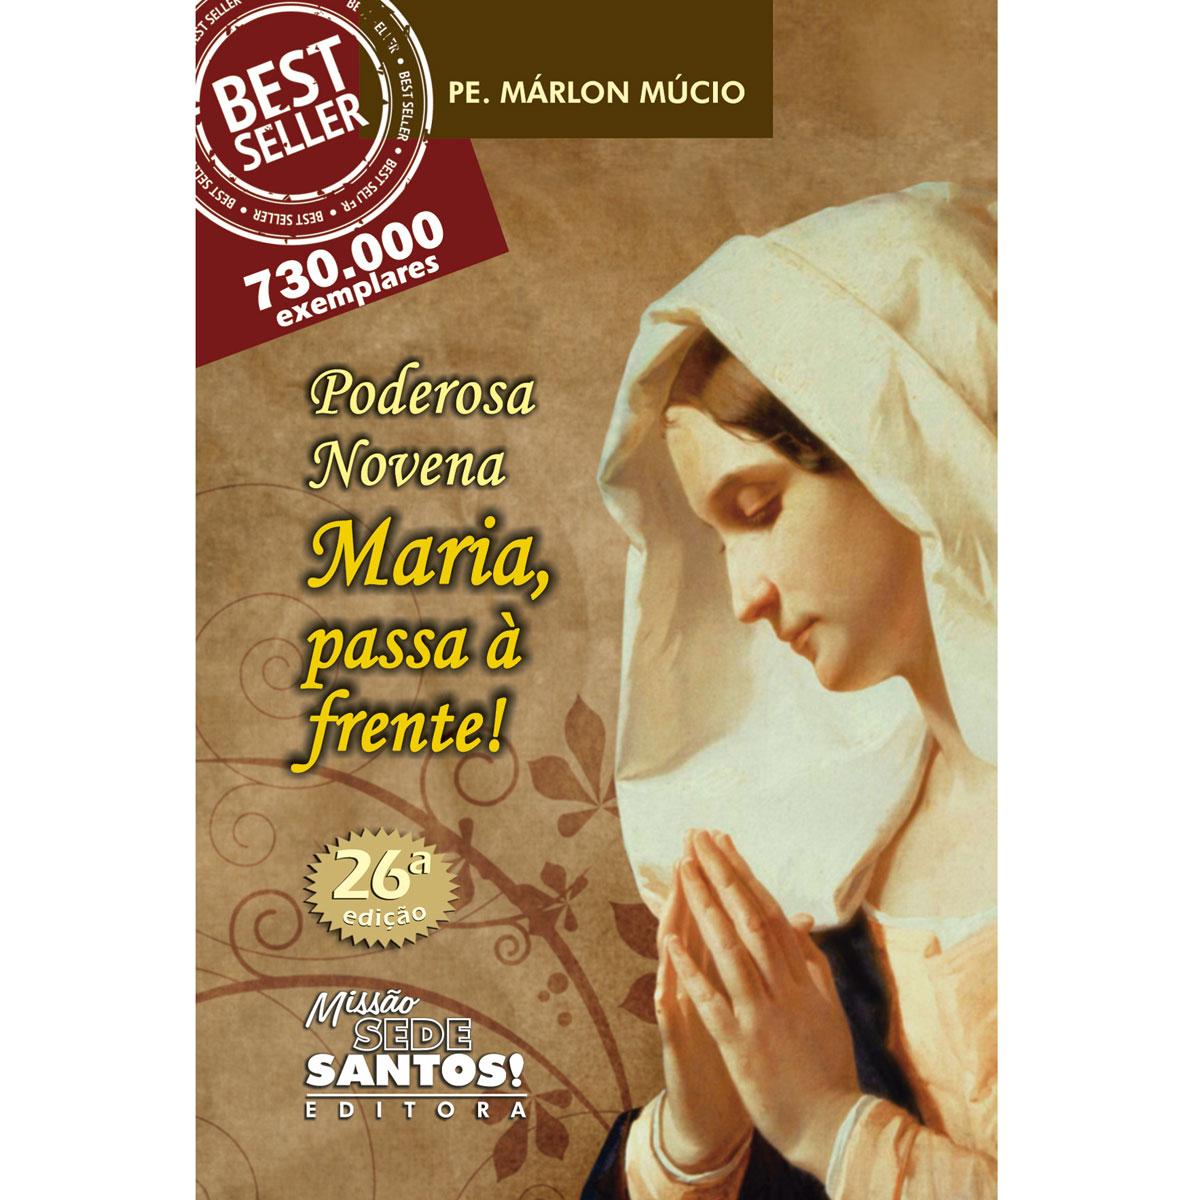 Poderosa Novena Maria Passa na Frente  - VindVedShop - Distribuidora Catolica